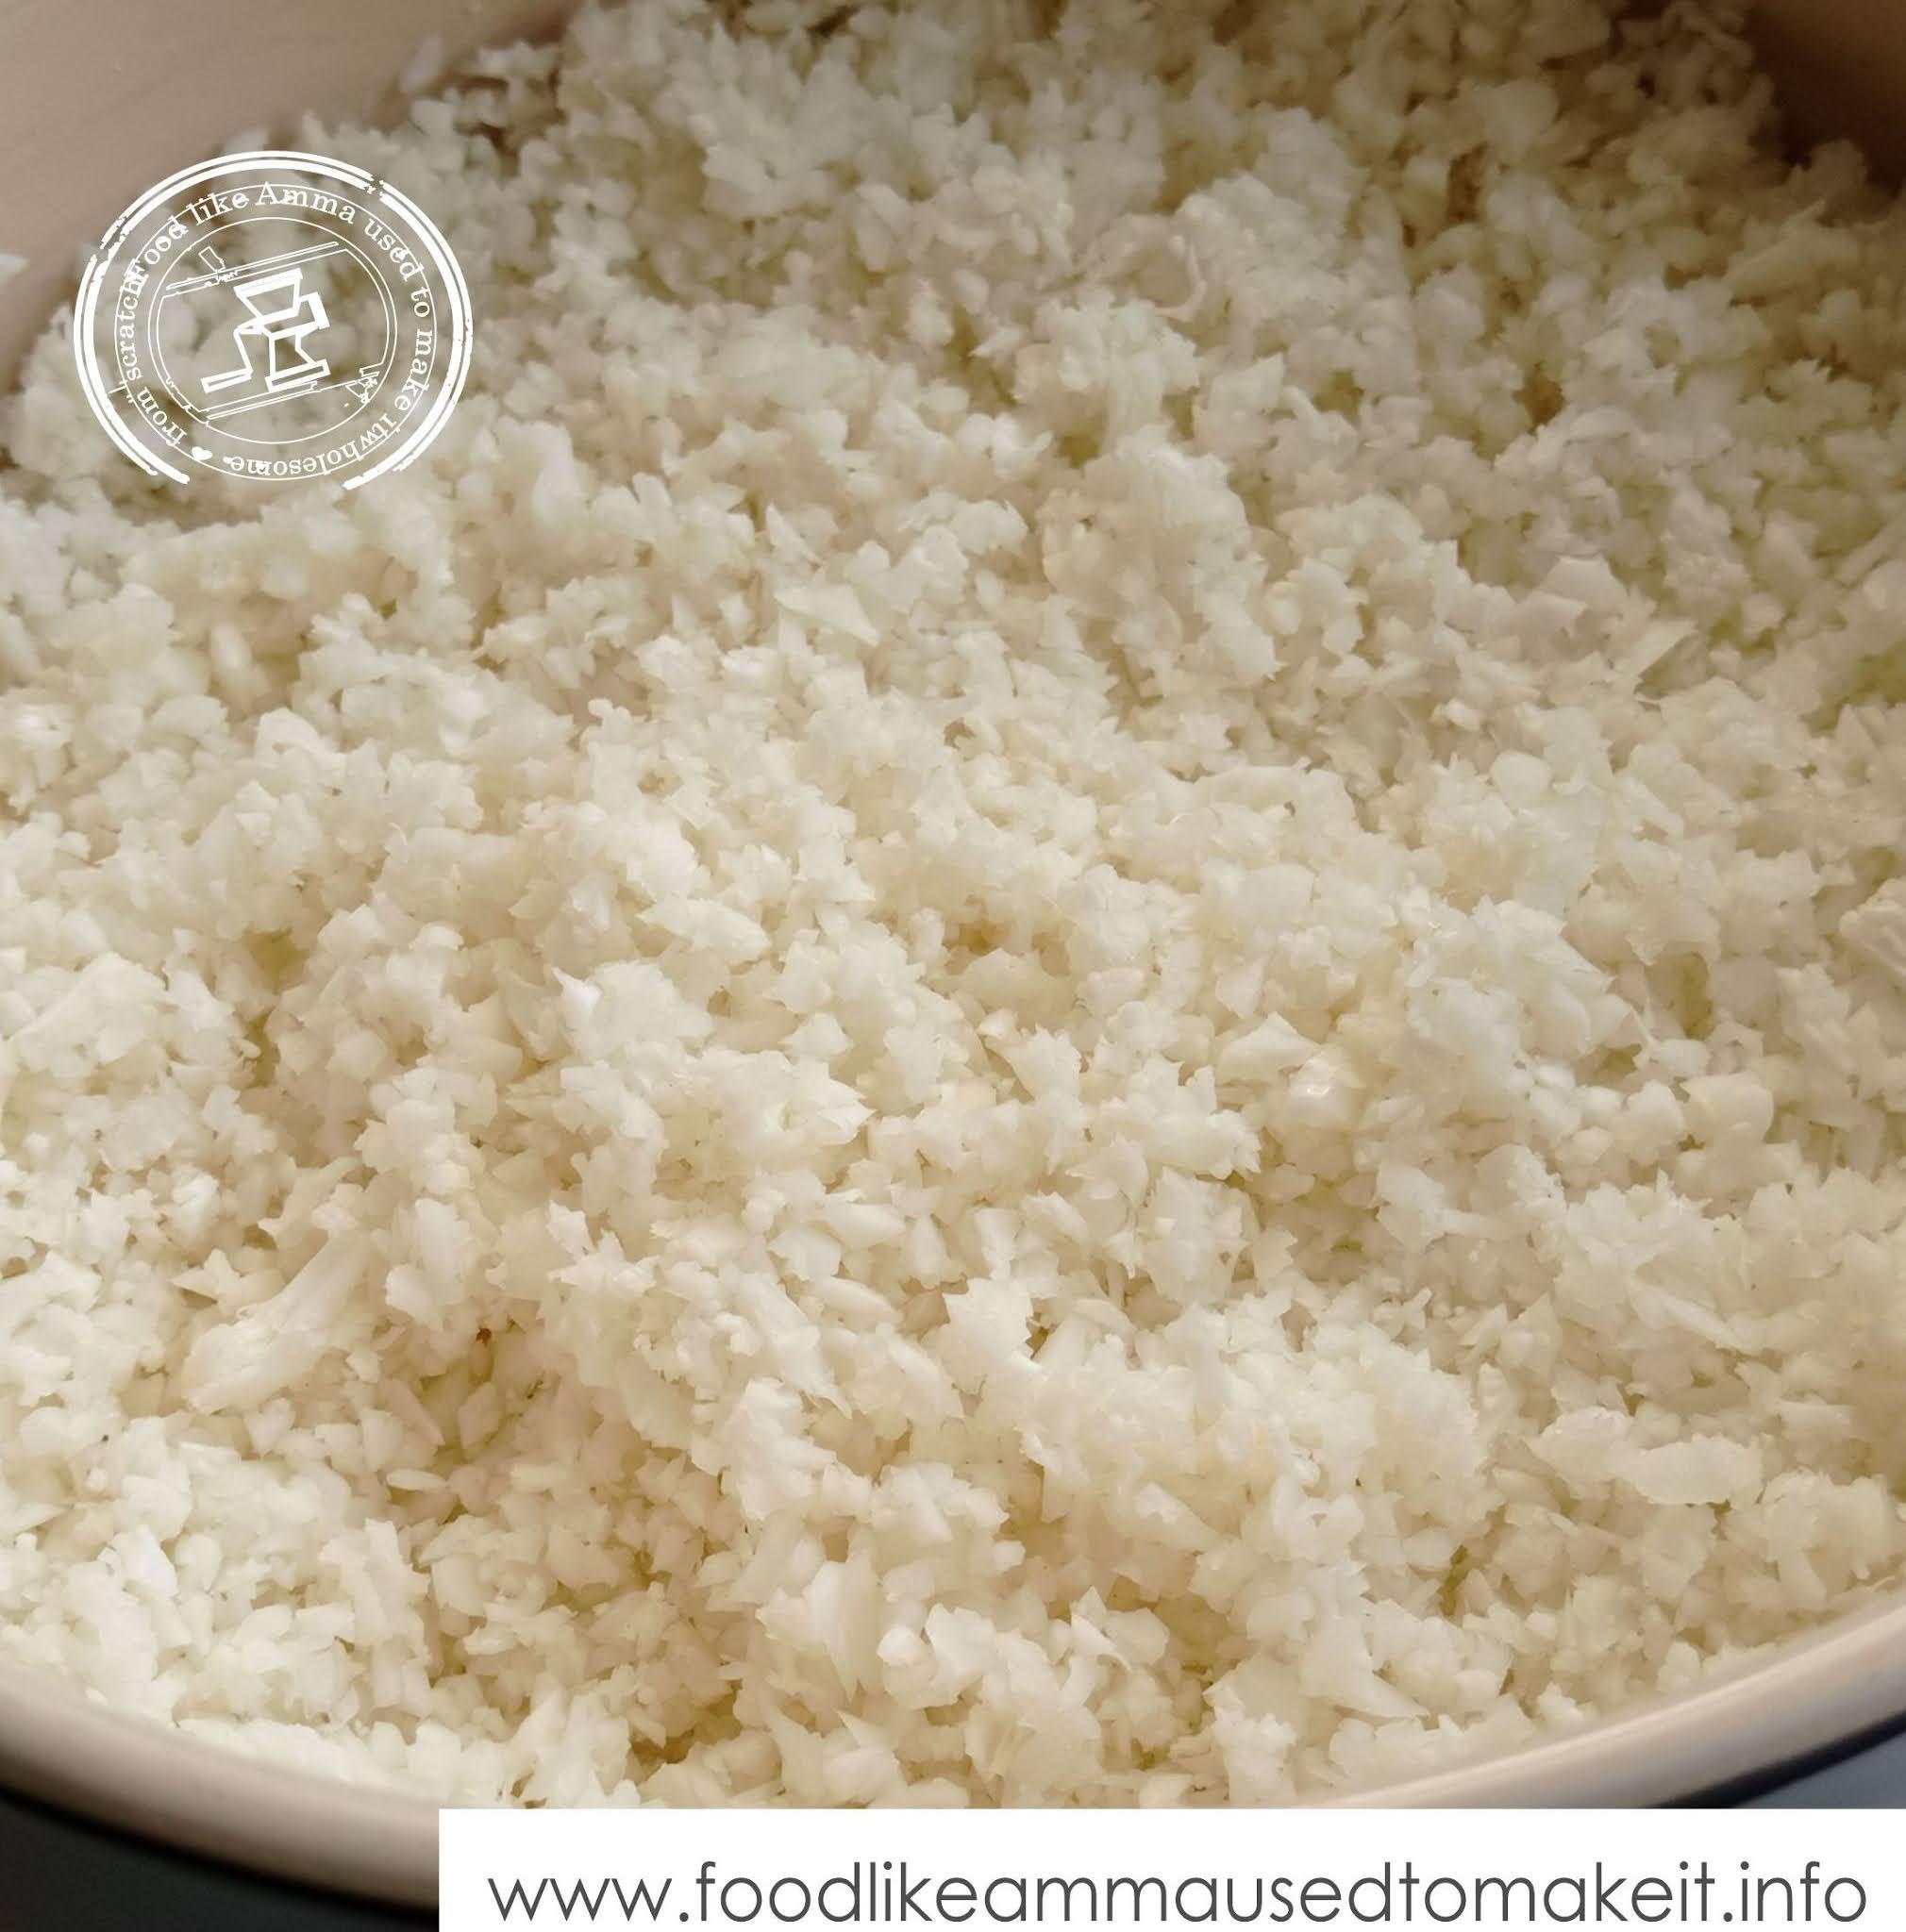 cauli rice